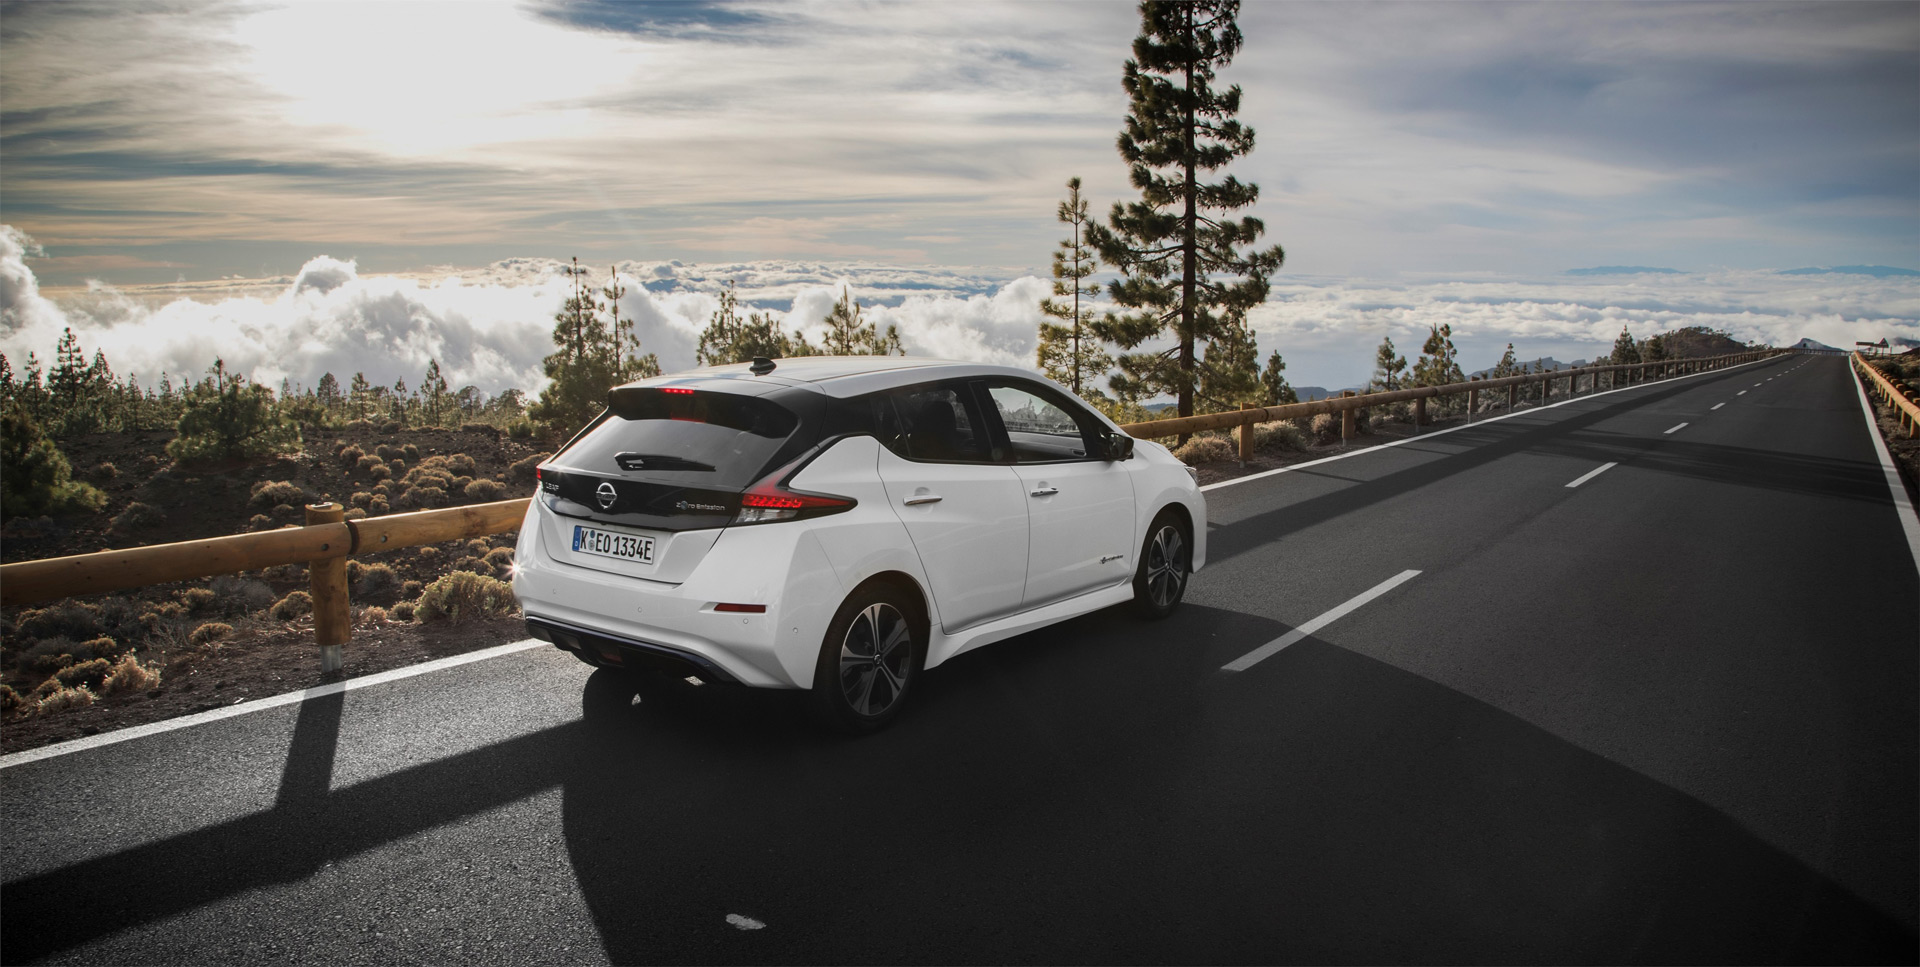 Nissan Leaf занимает первое место по продажам среди электромобилей в Европе